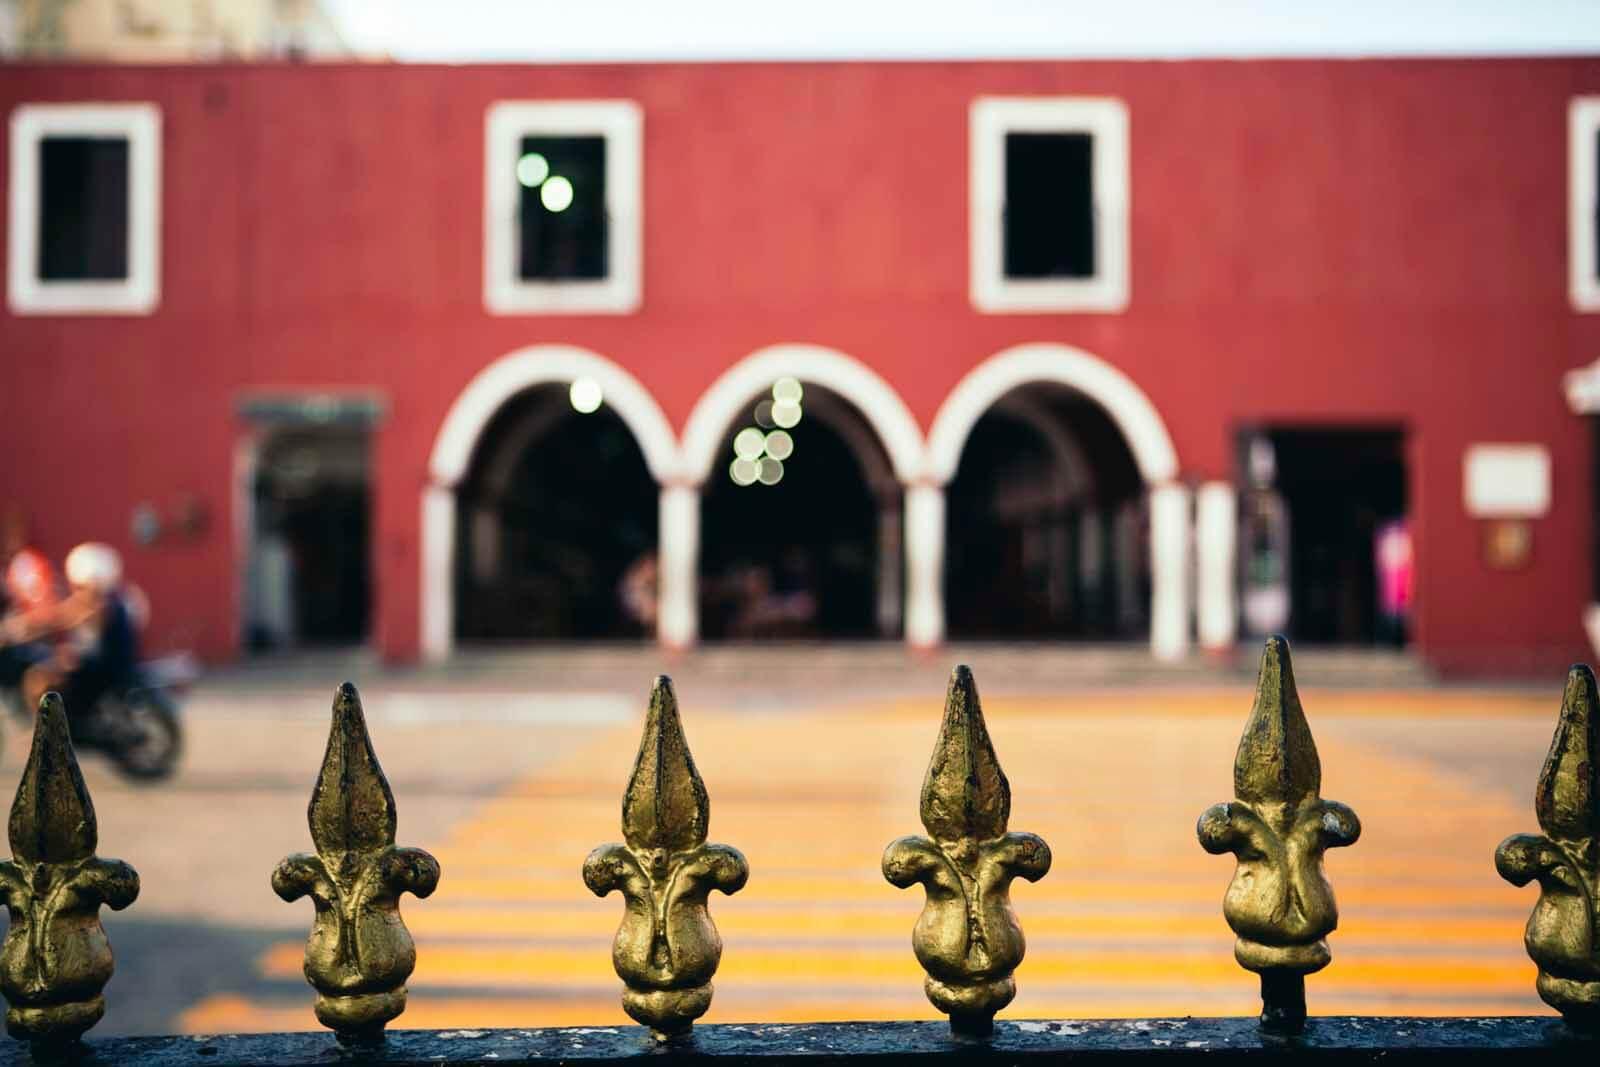 Valladolid city center in Mexico